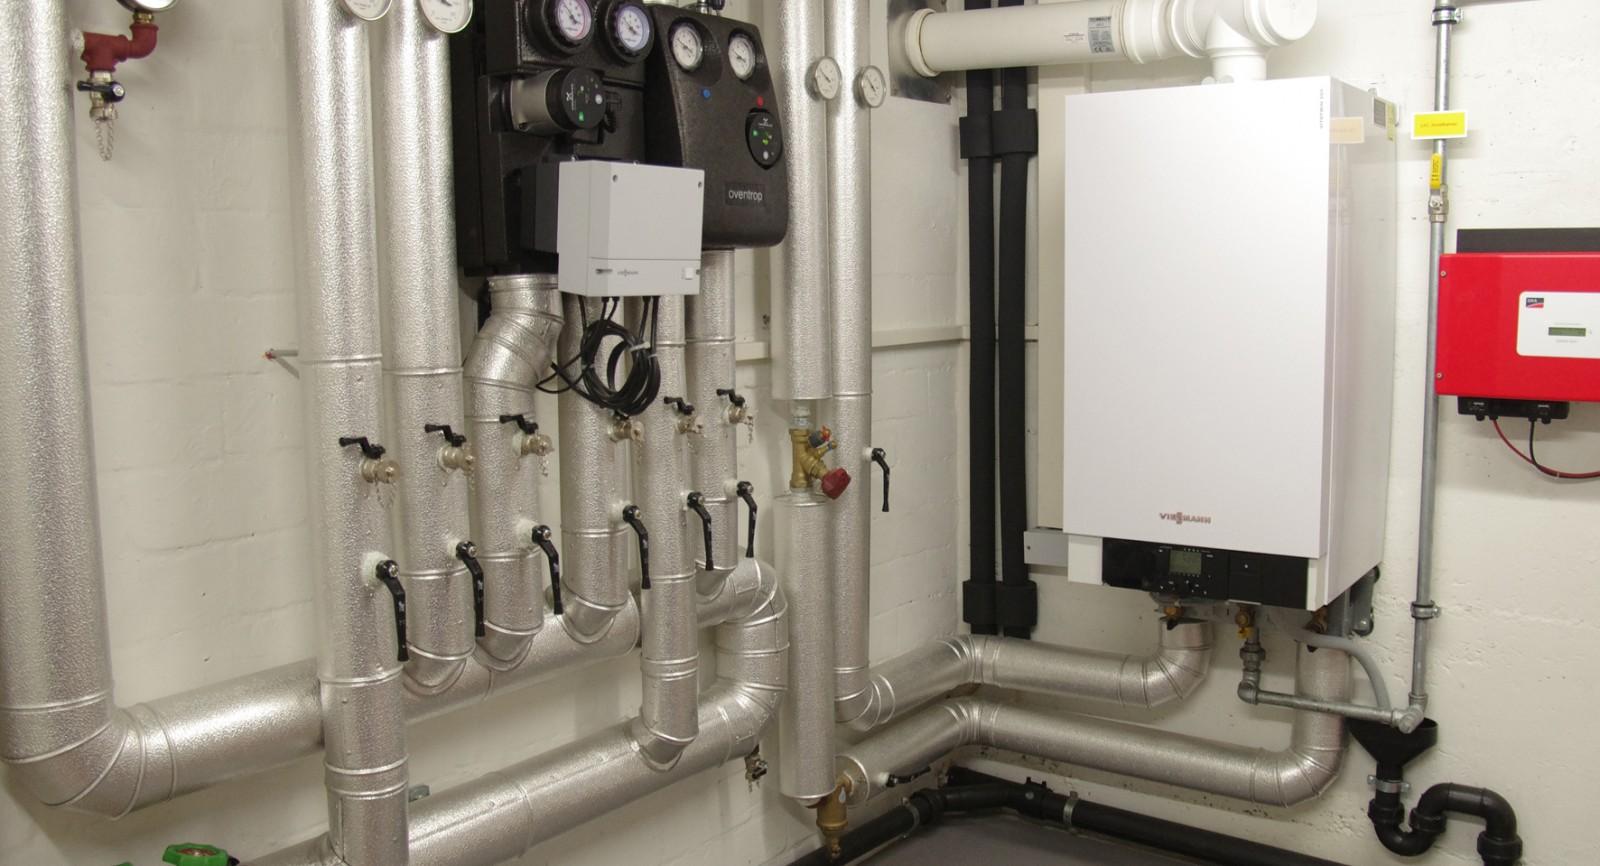 Das kompakt gestaltete Stirling-Gerät versorgt das Zweifamilienhaus mit Wärme und im Winterhalbjahr mit Strom.